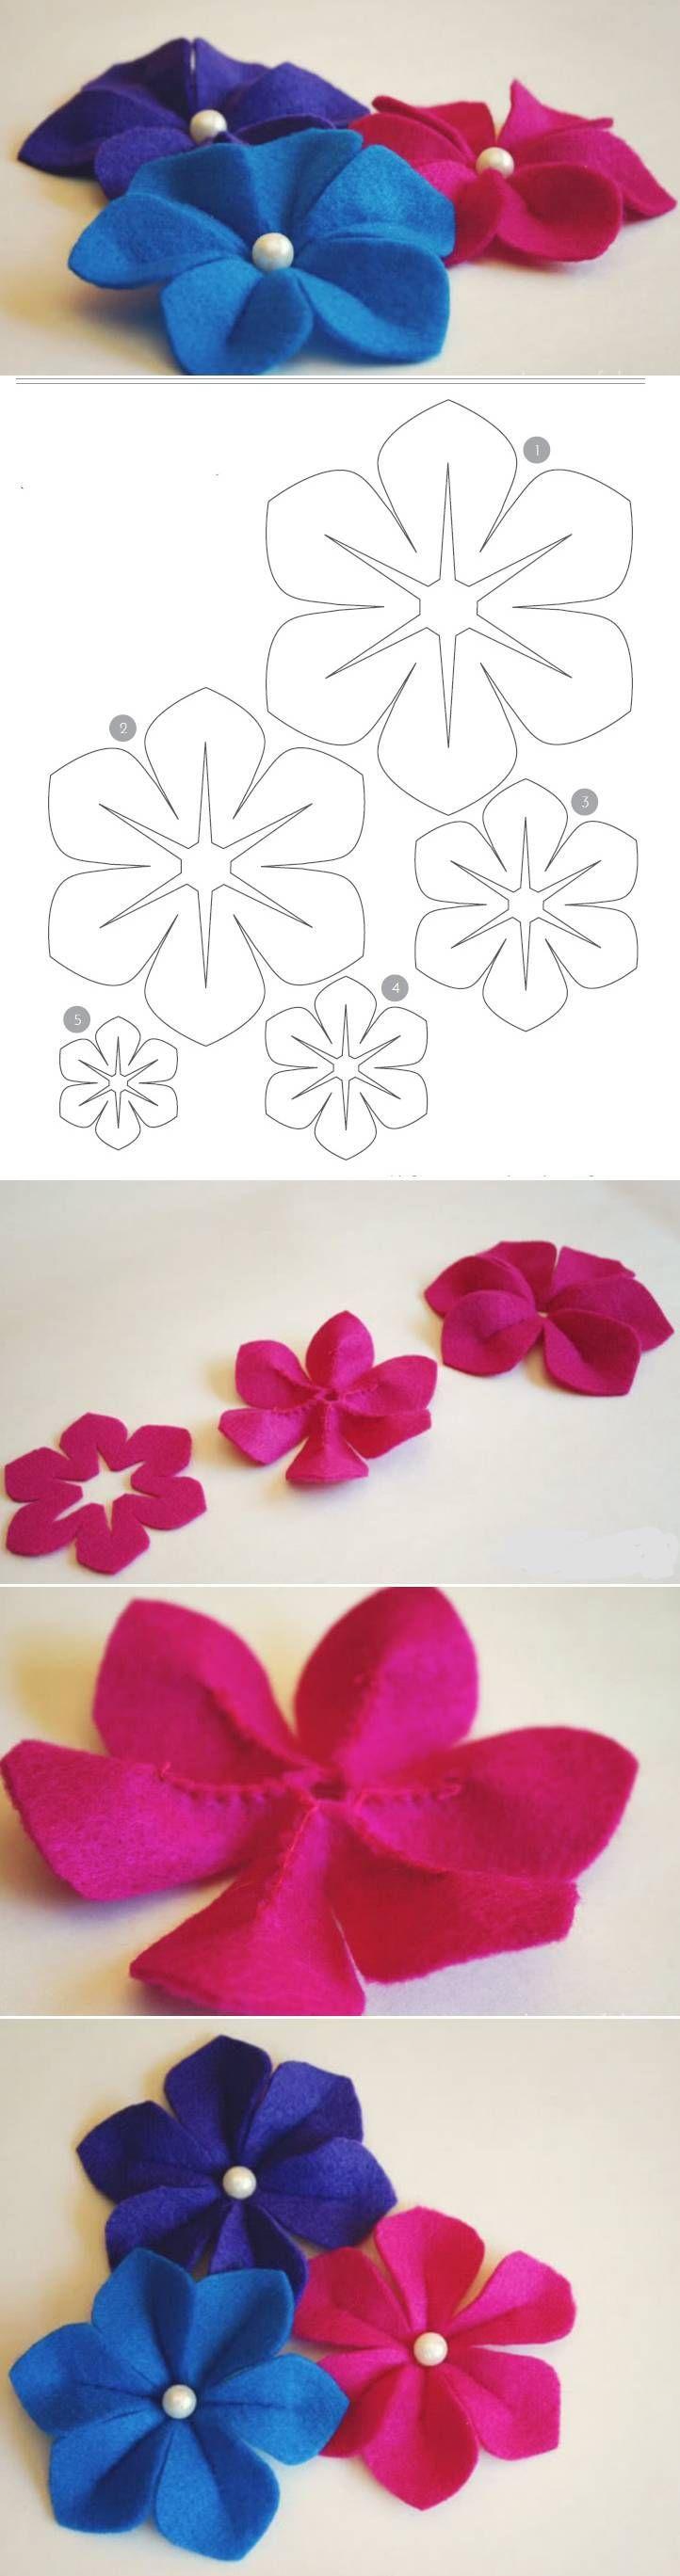 Tutorial y patrón para hacer flor de fieltro paso a paso